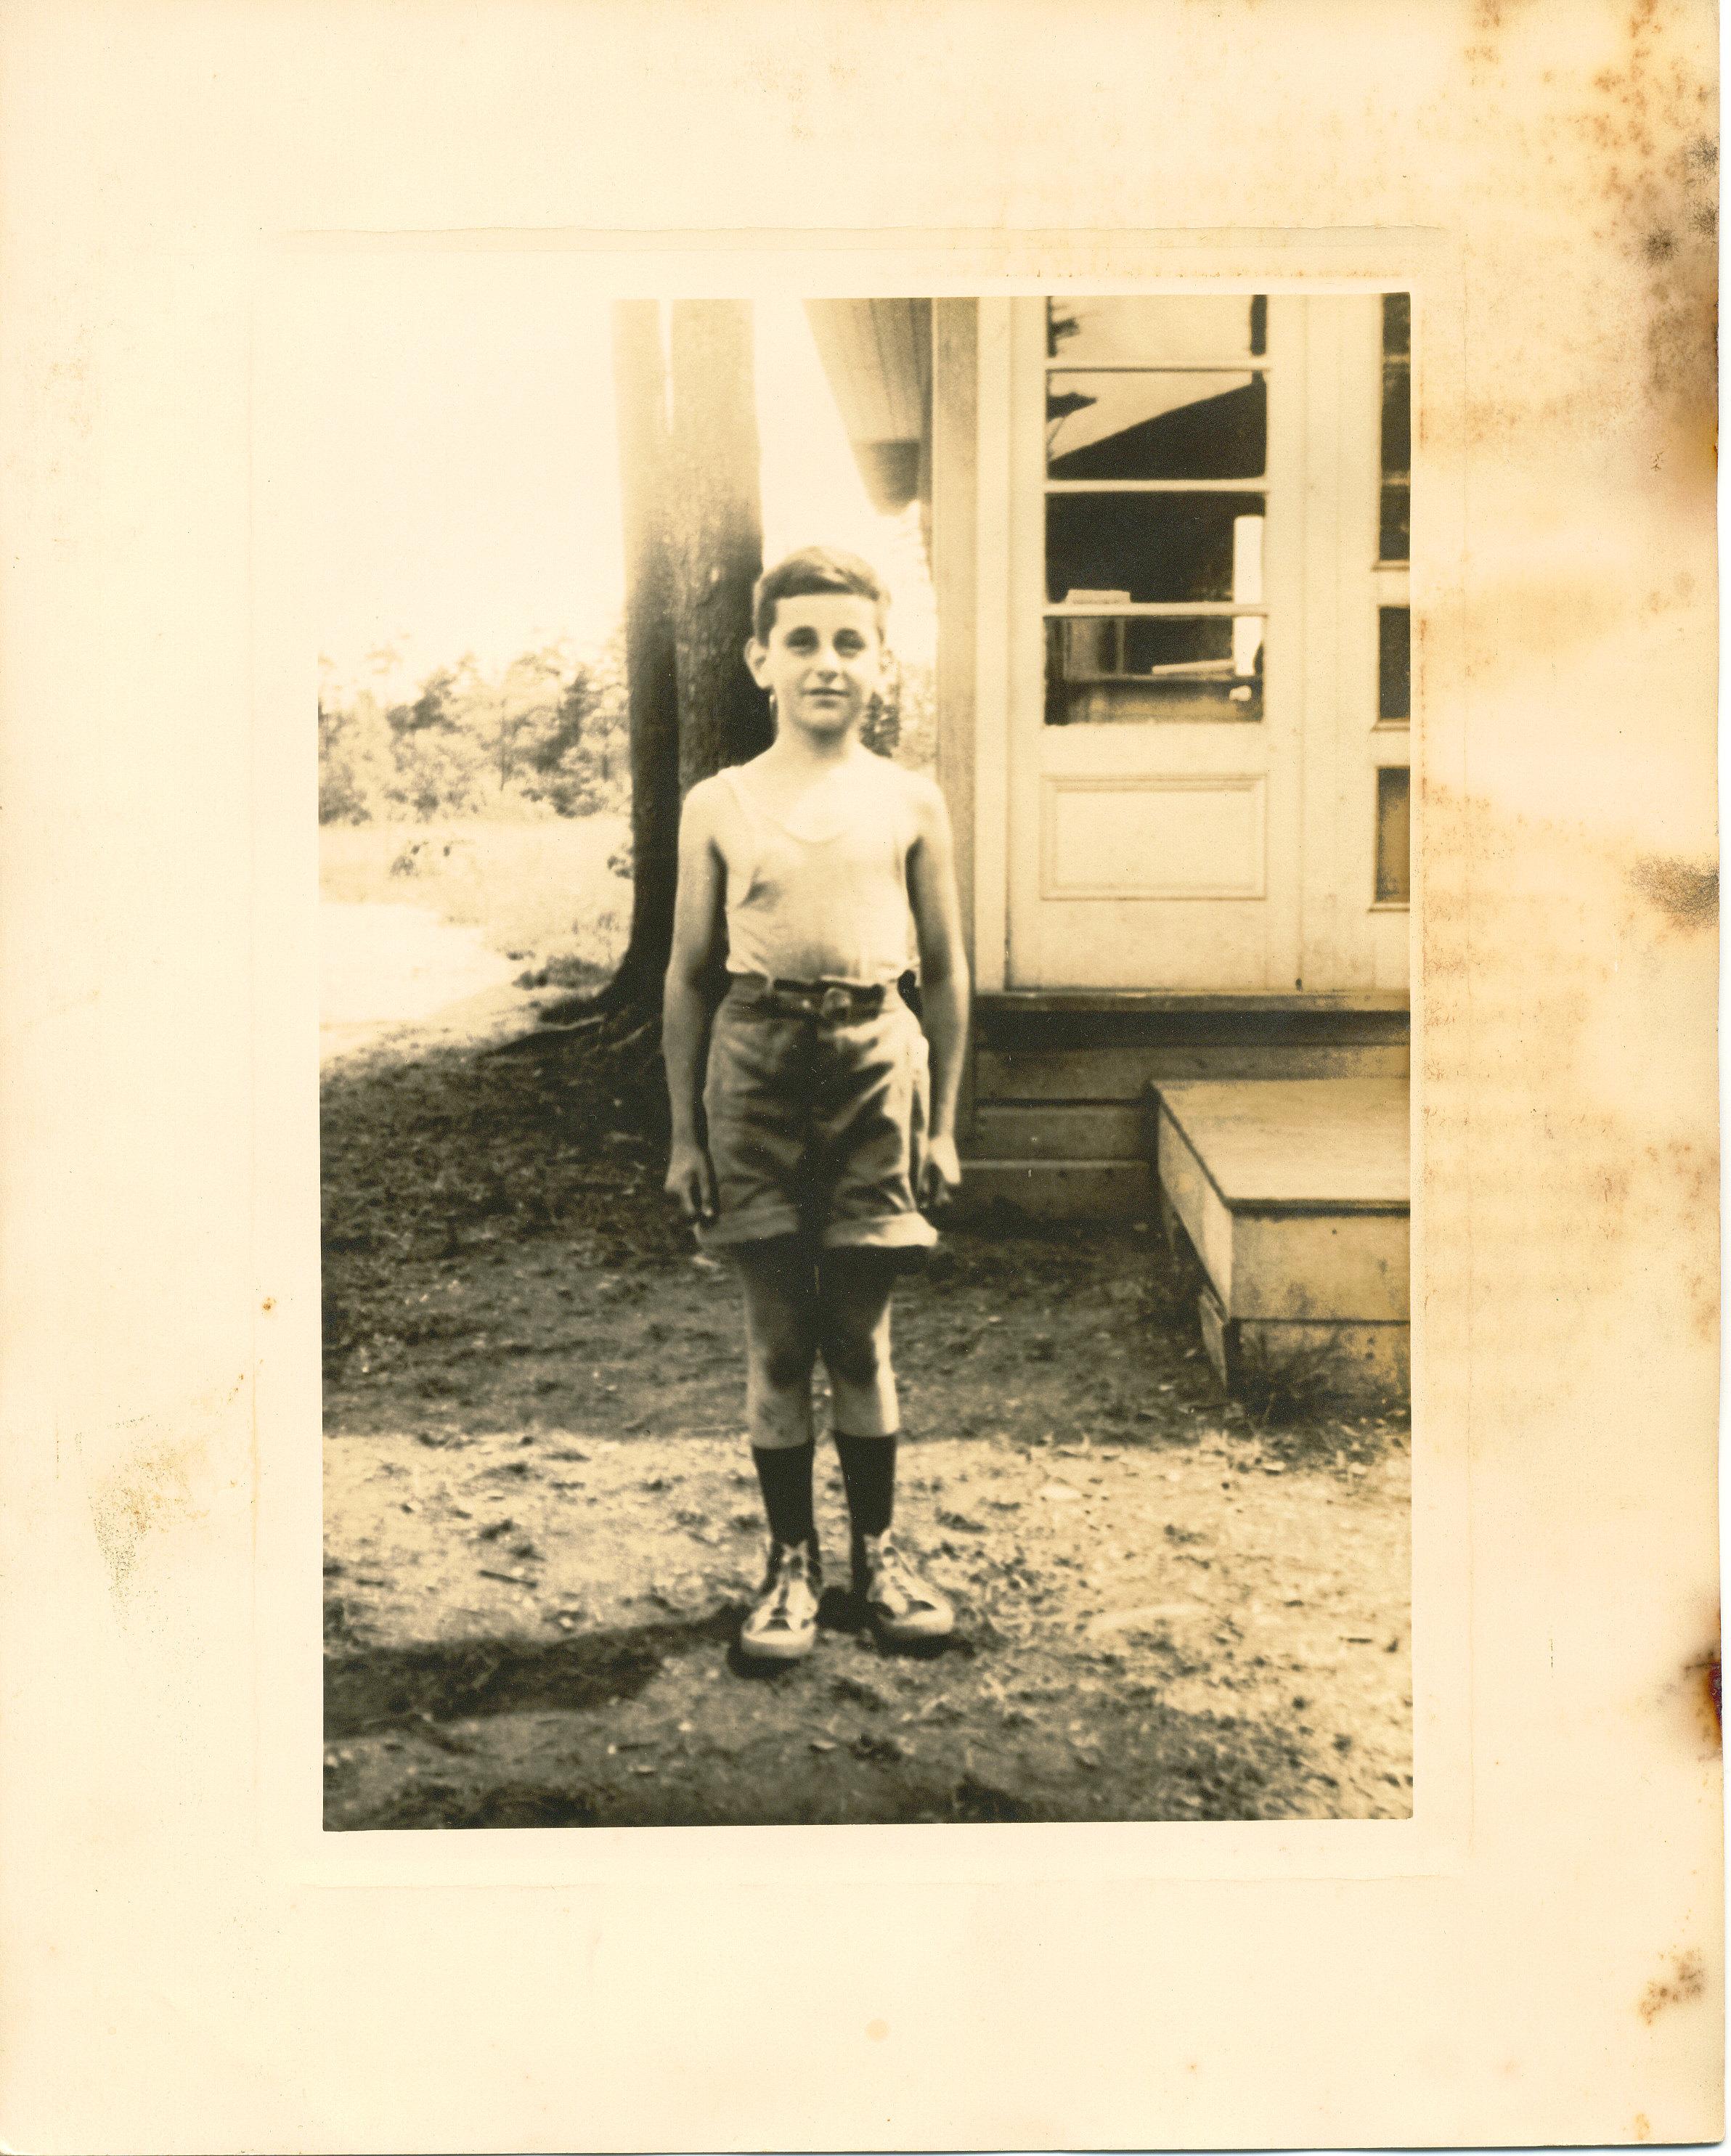 Gus Gatti at EB Camps circa 1937.jpg